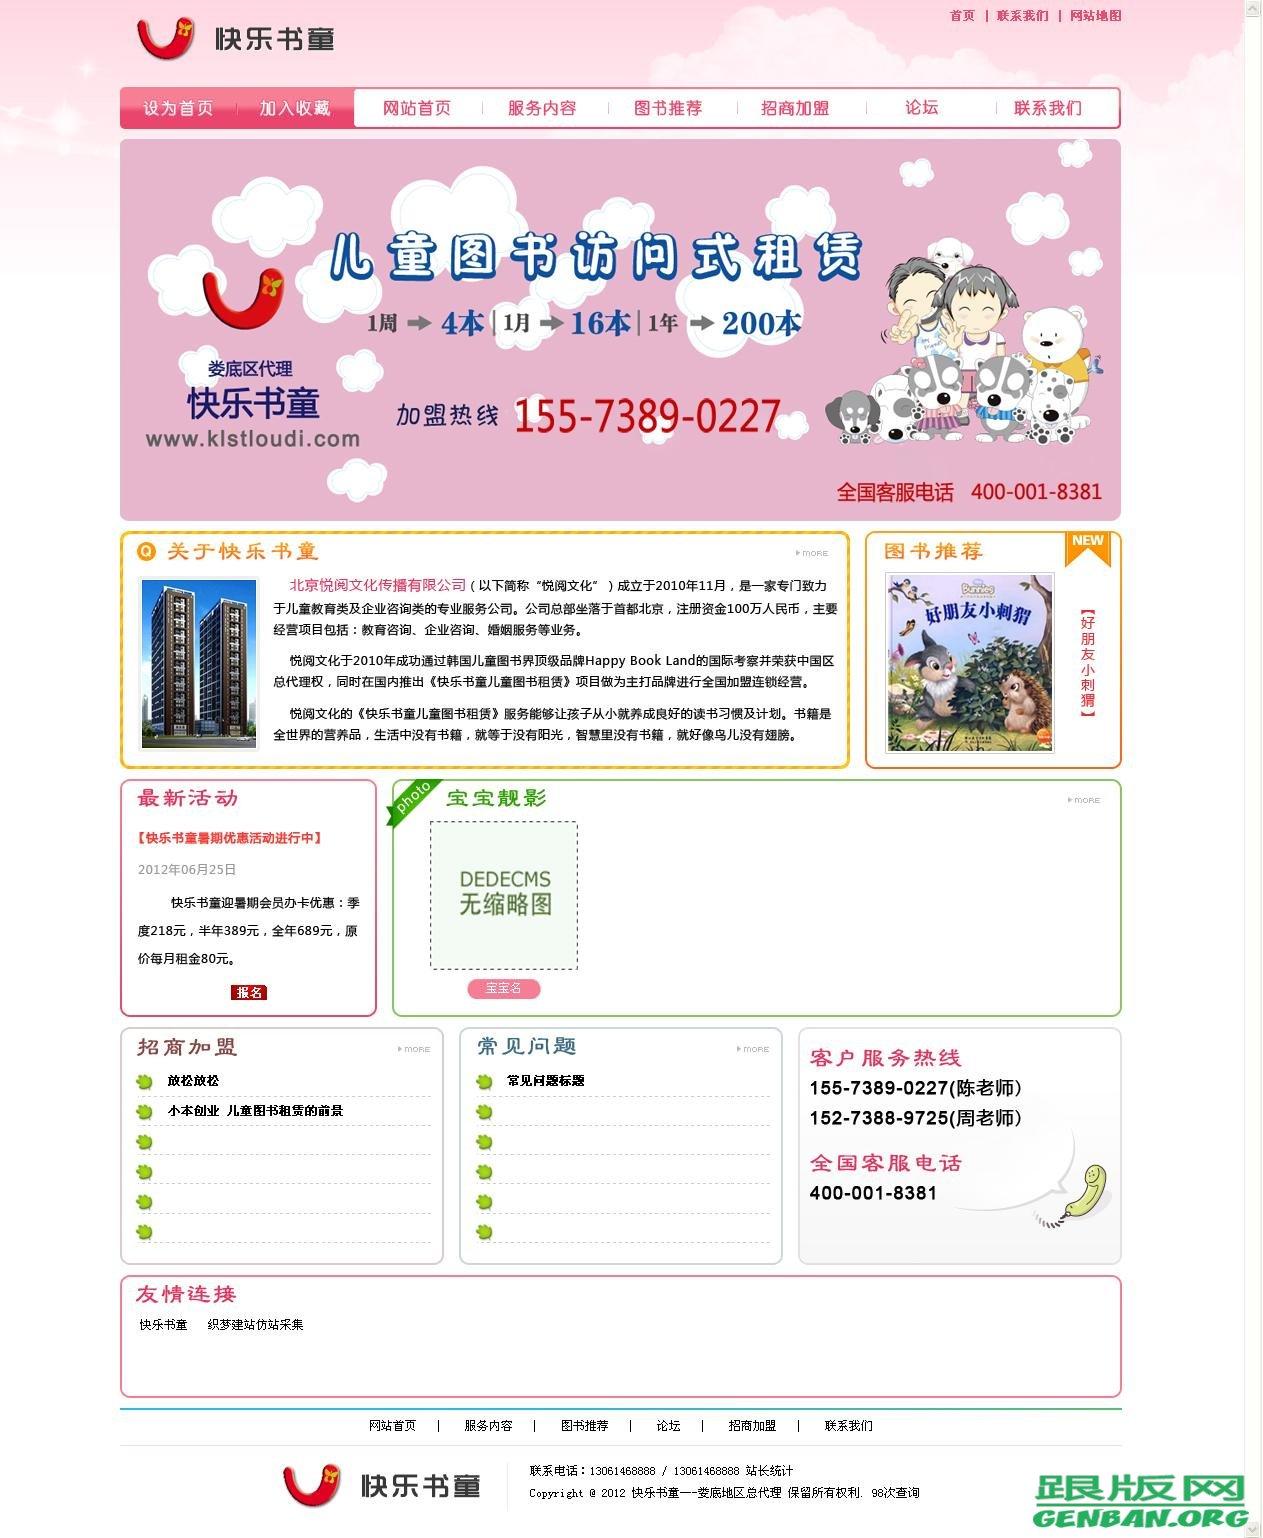 [原创独家]dedecms快乐书童网站源码